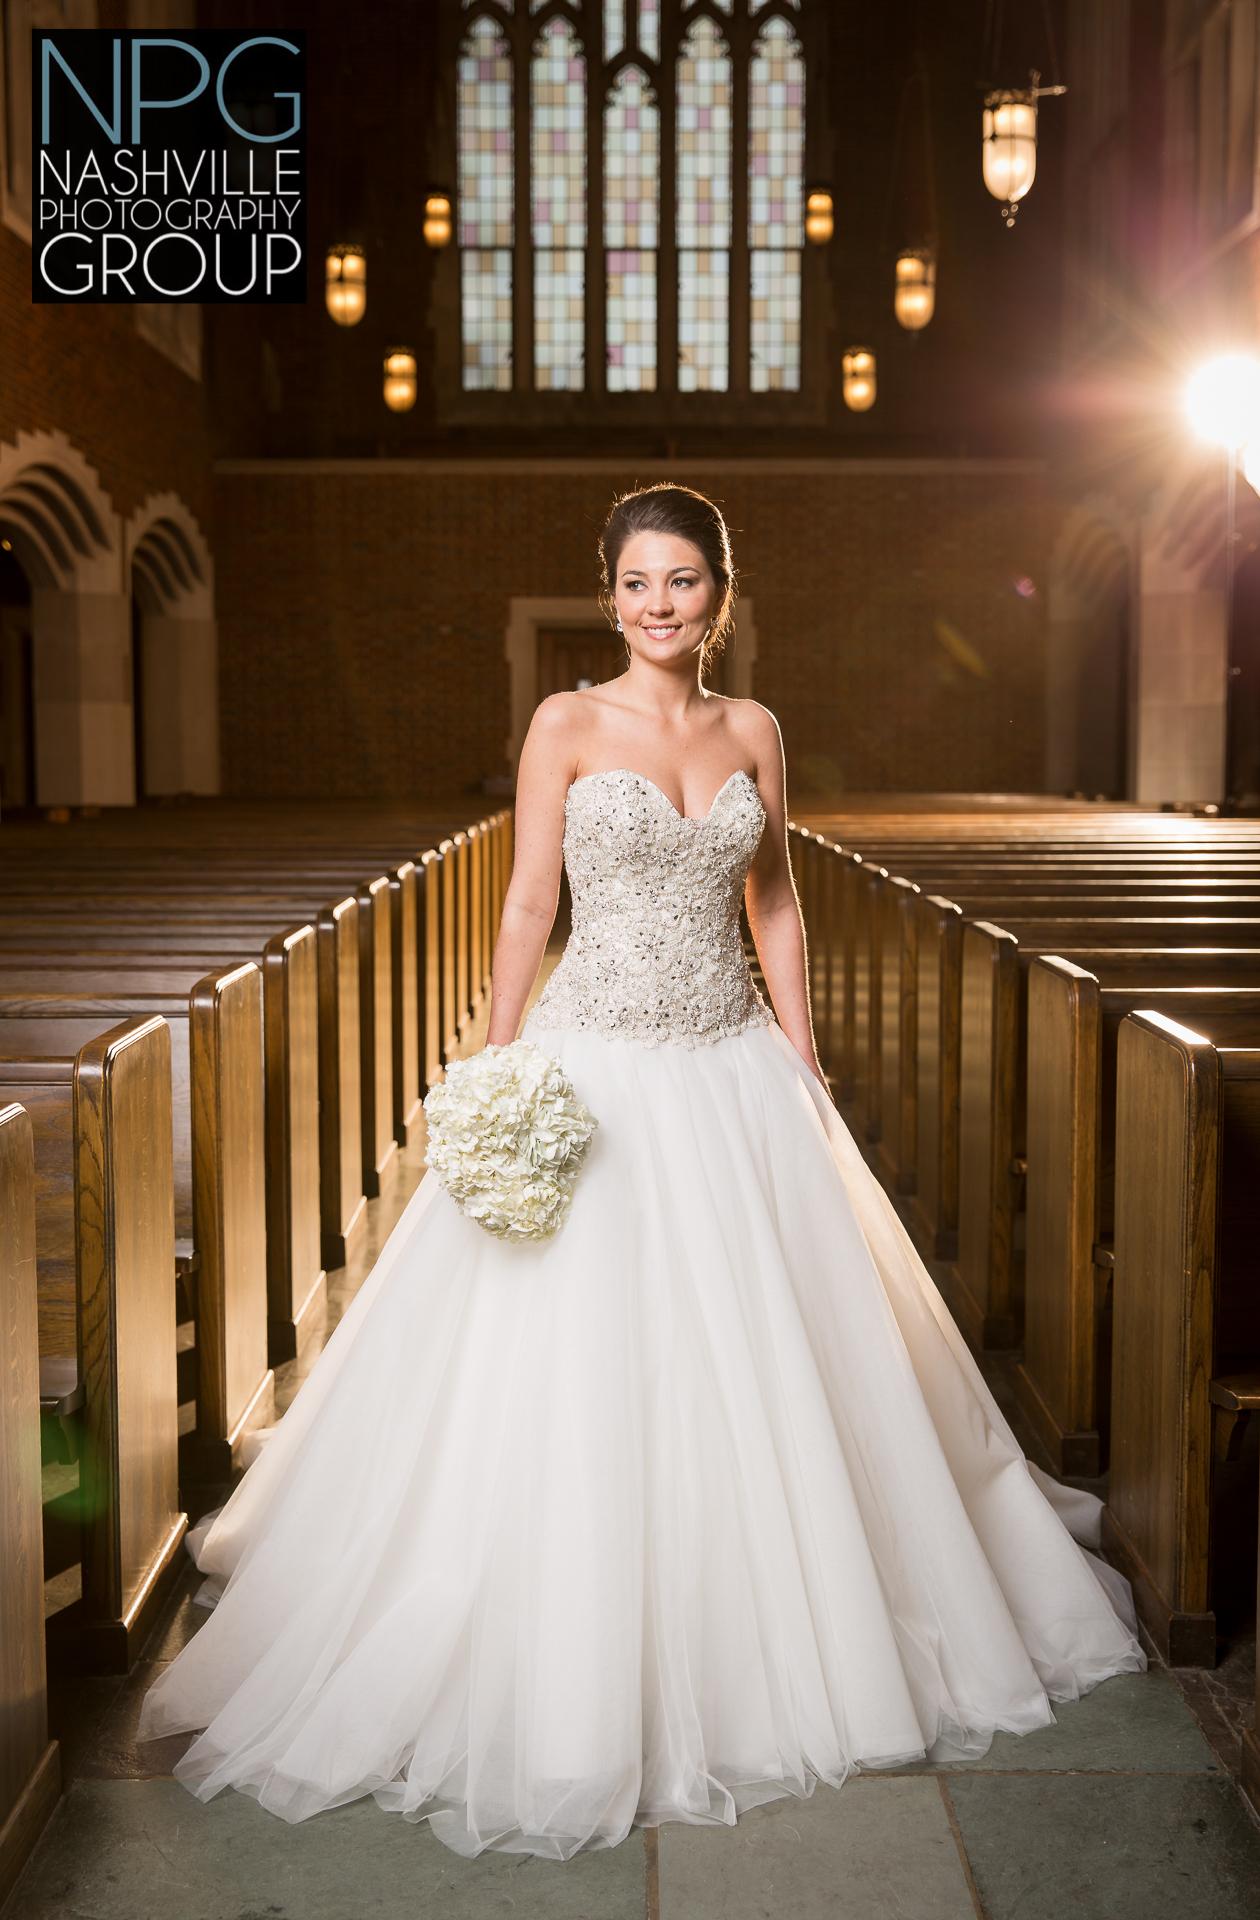 nashville wedding photographer - nashville photography group (1 of 4).jpg